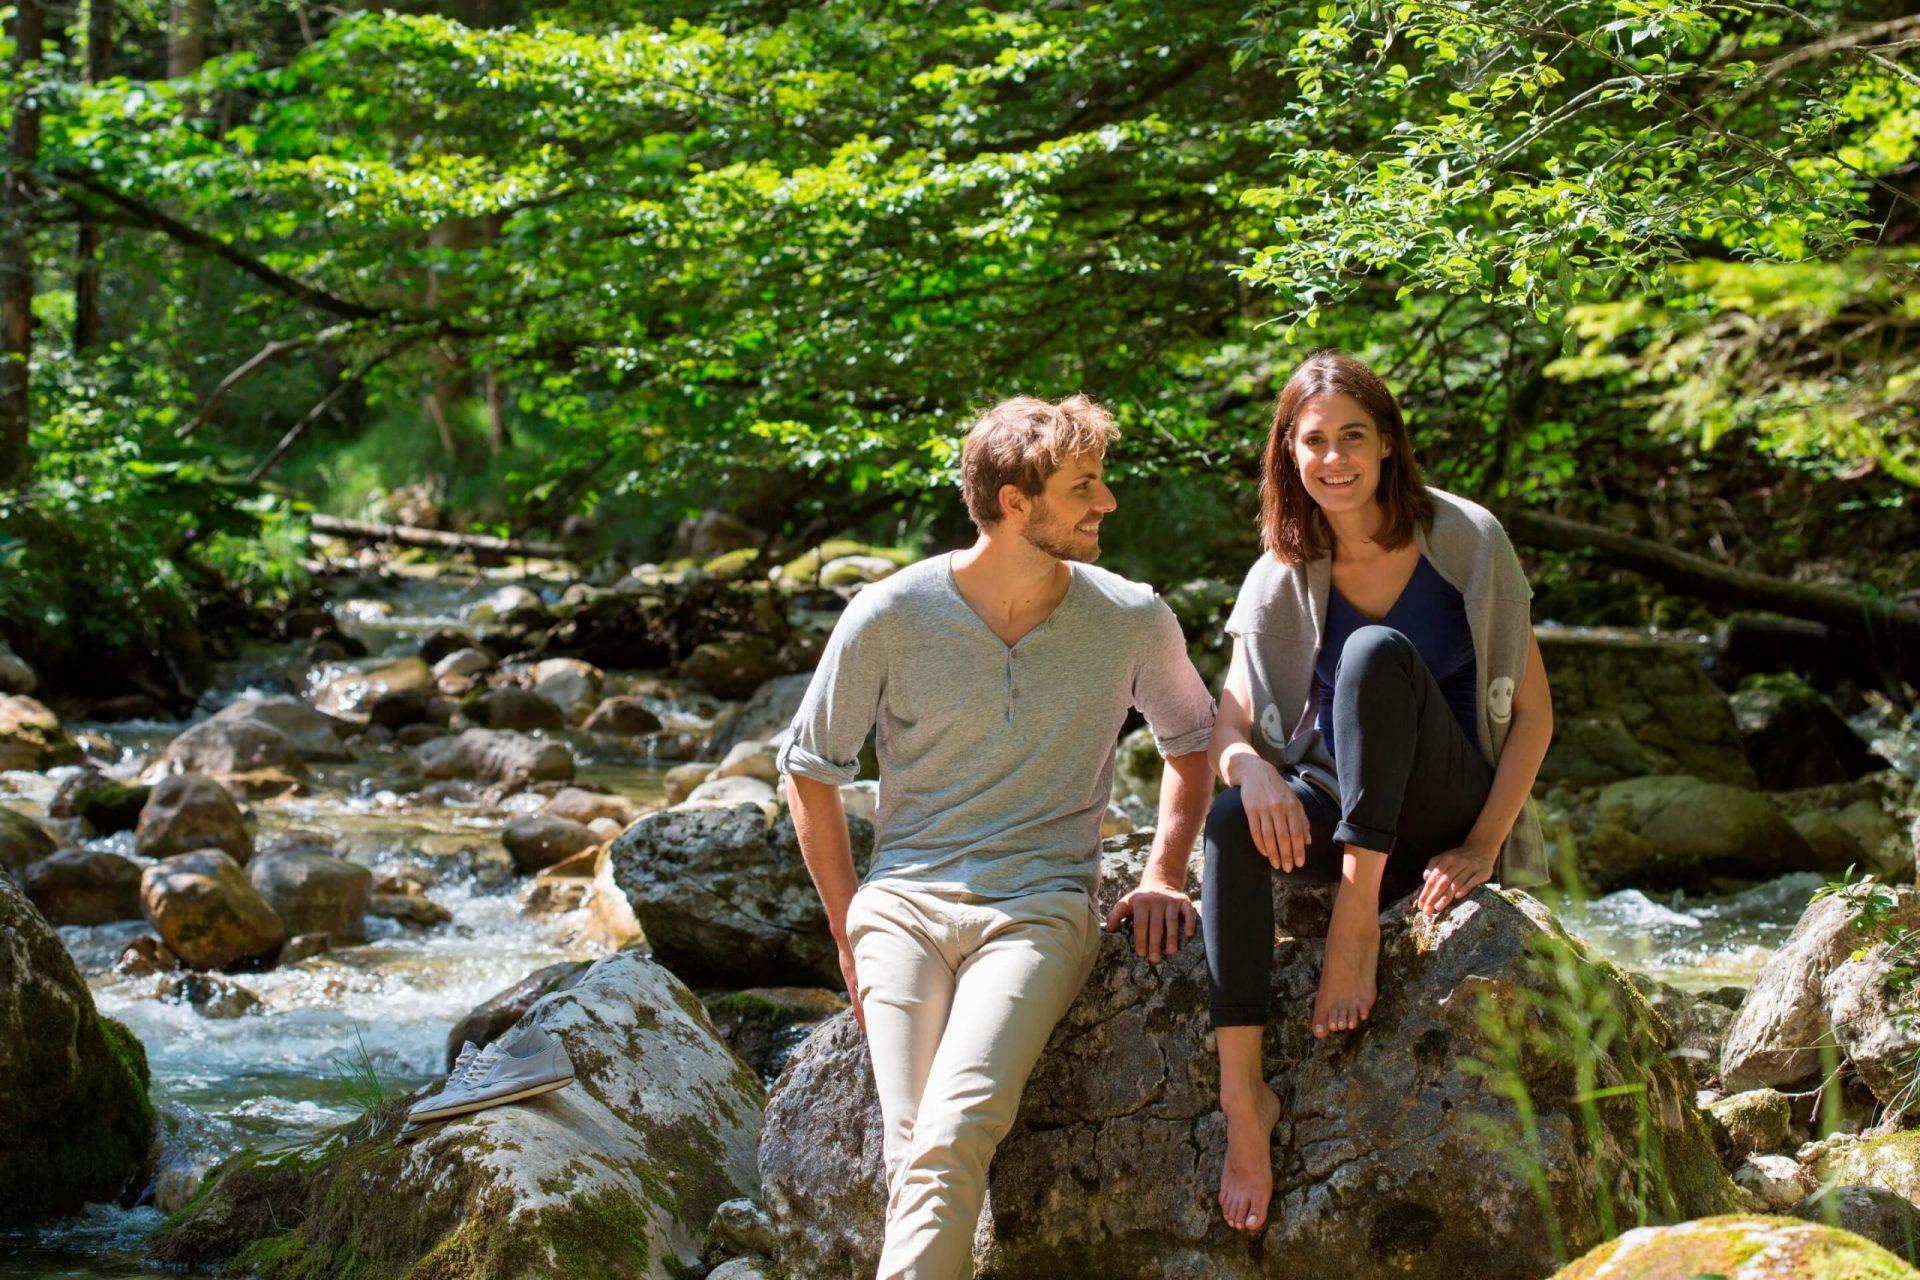 Juffing Paar am Fluss (1)